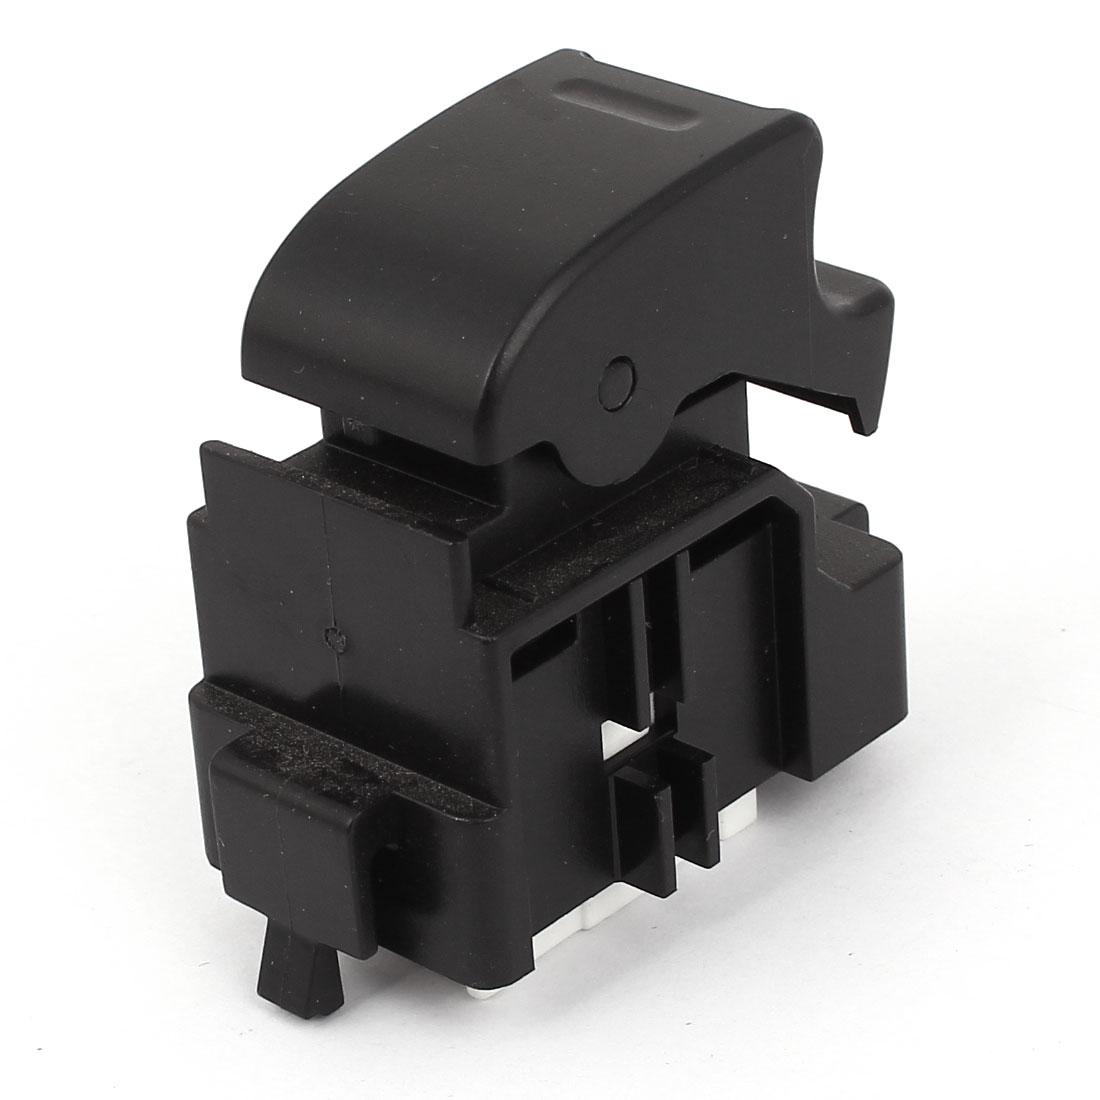 Unique Bargains Plastic Flat Foot Window Lifter Switch Controller for - image 3 de 3